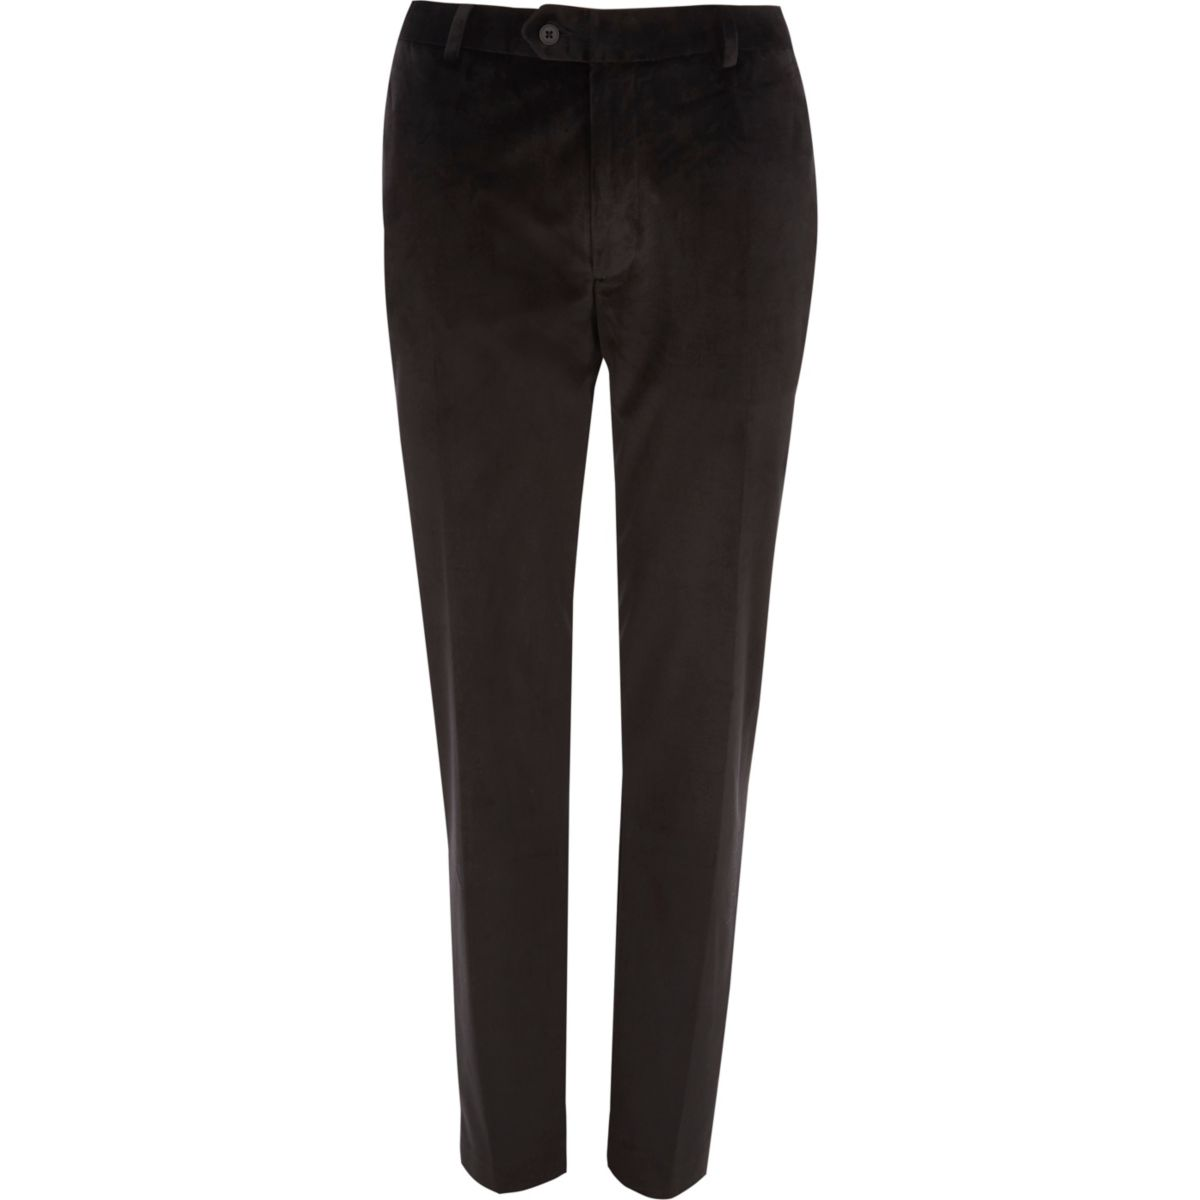 Black velvet skinny fit smart trousers